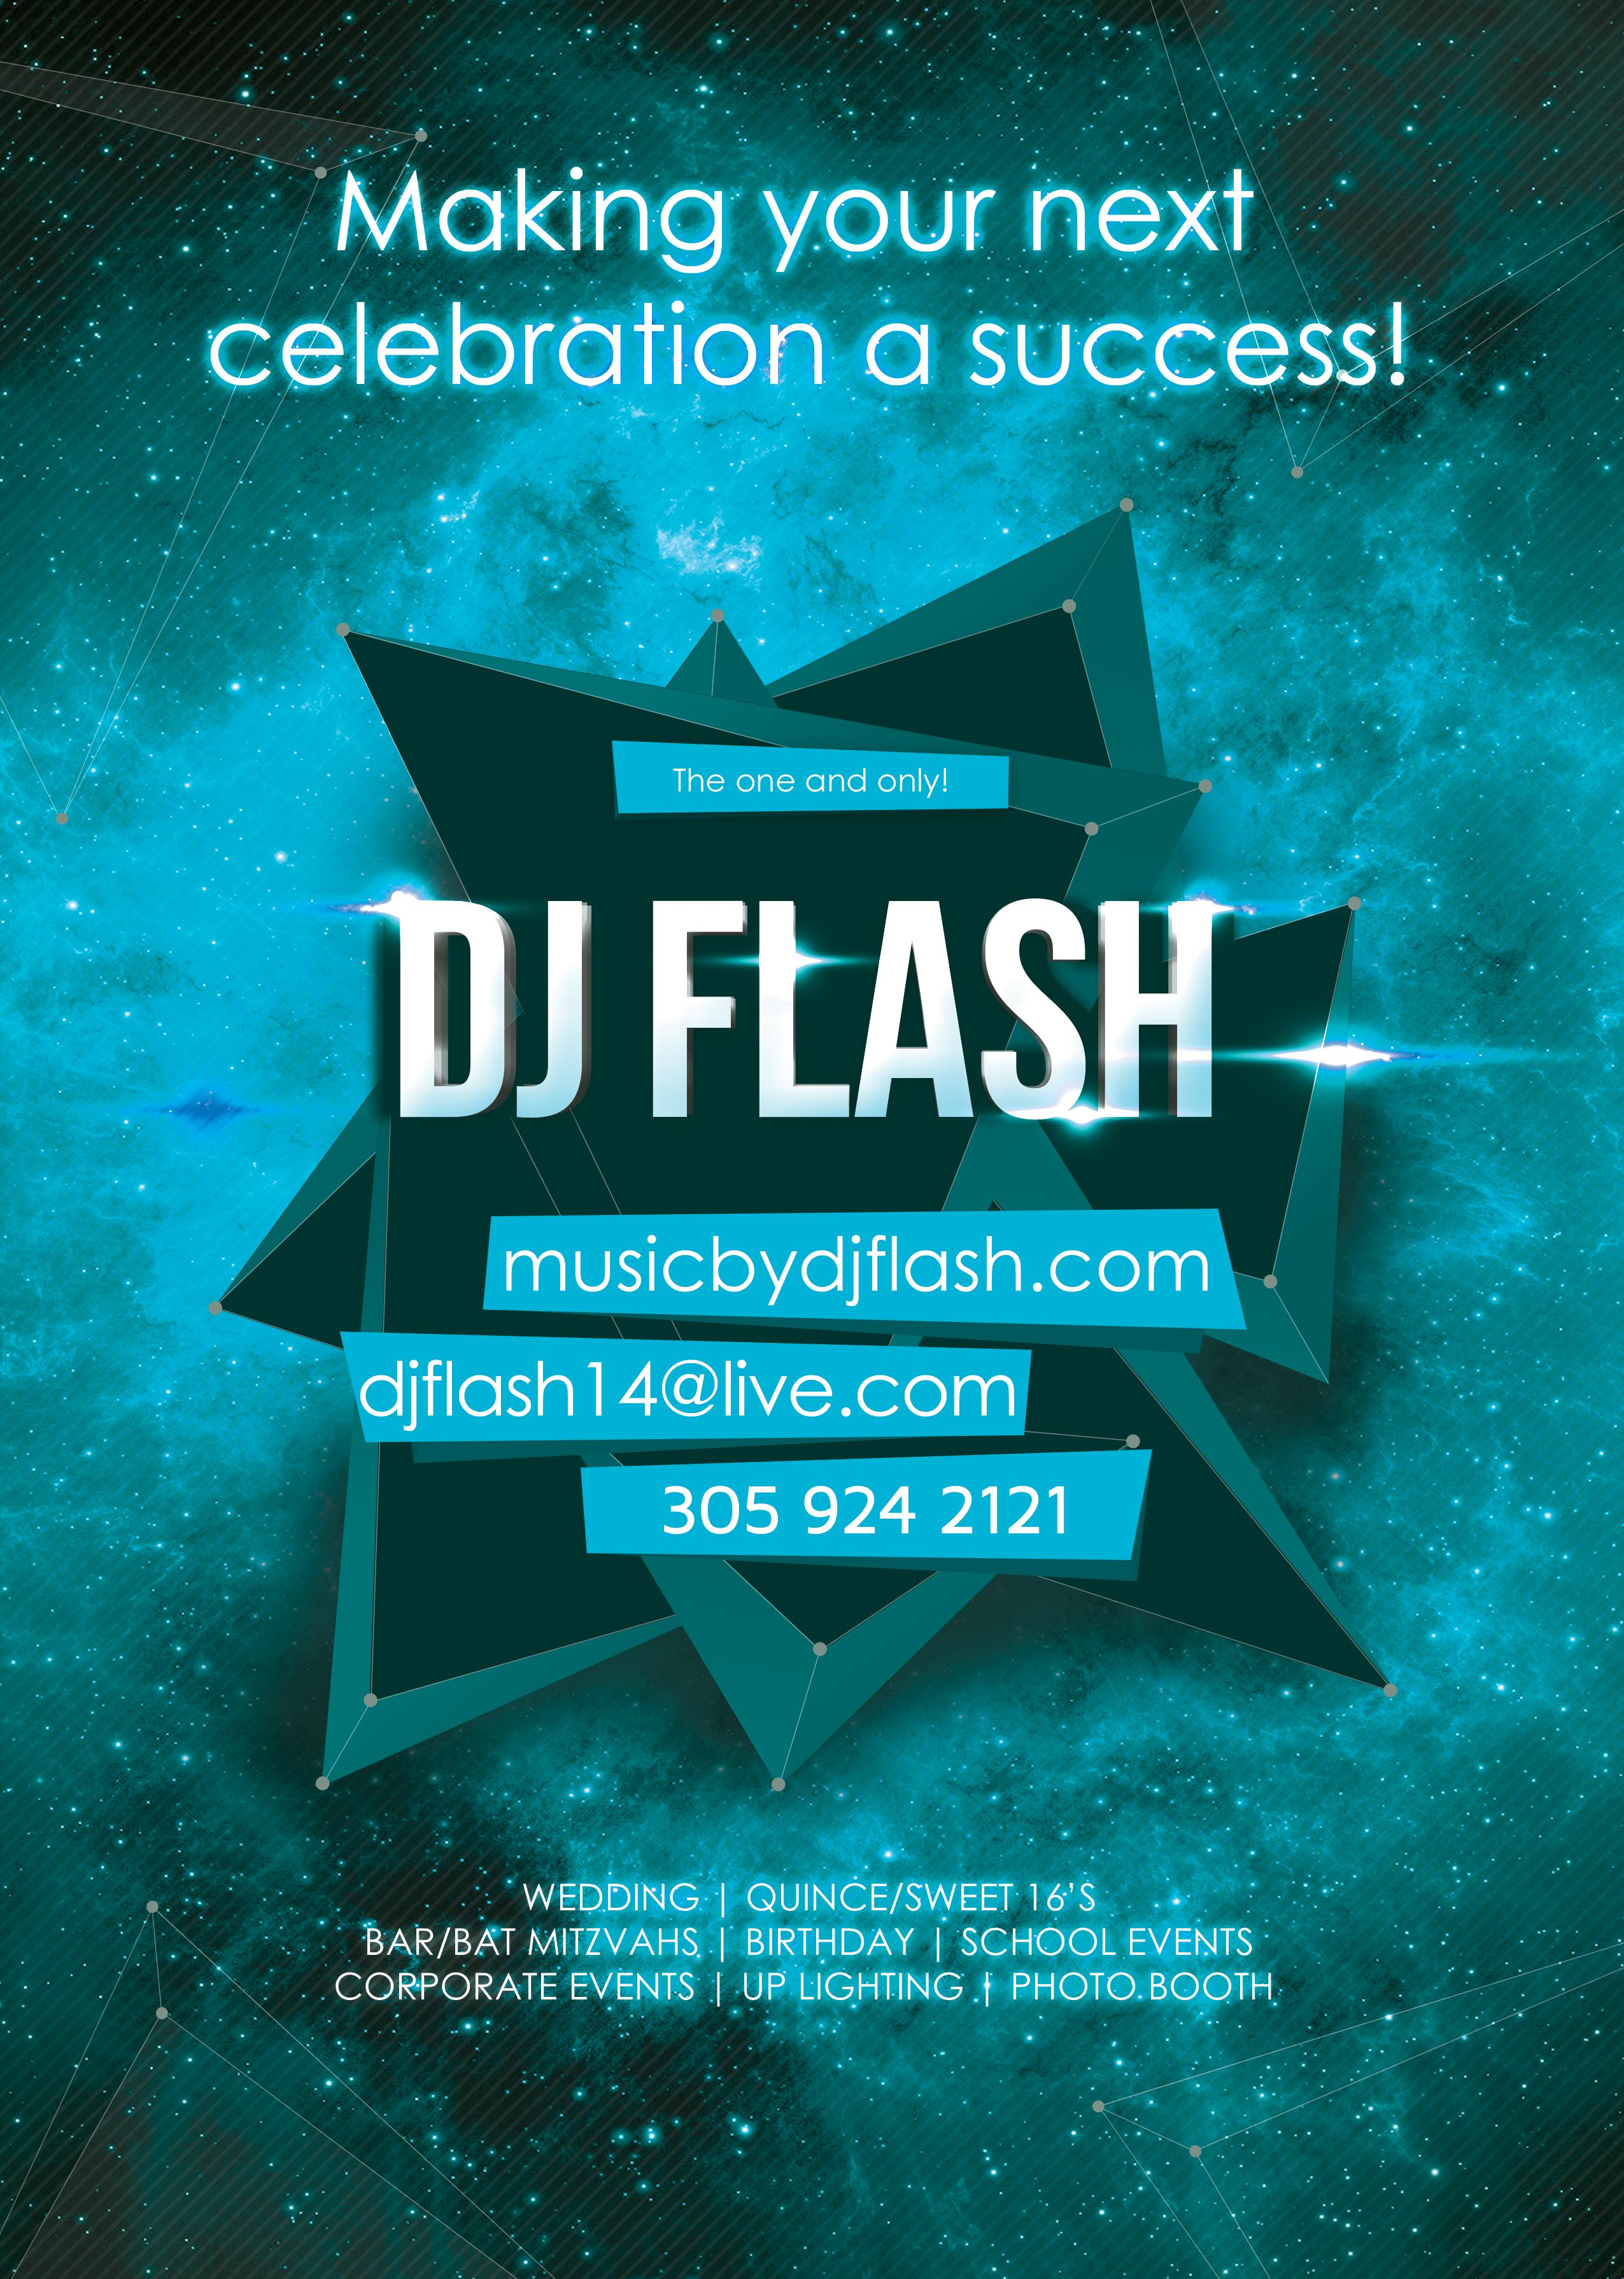 DJFLASH_Flyer